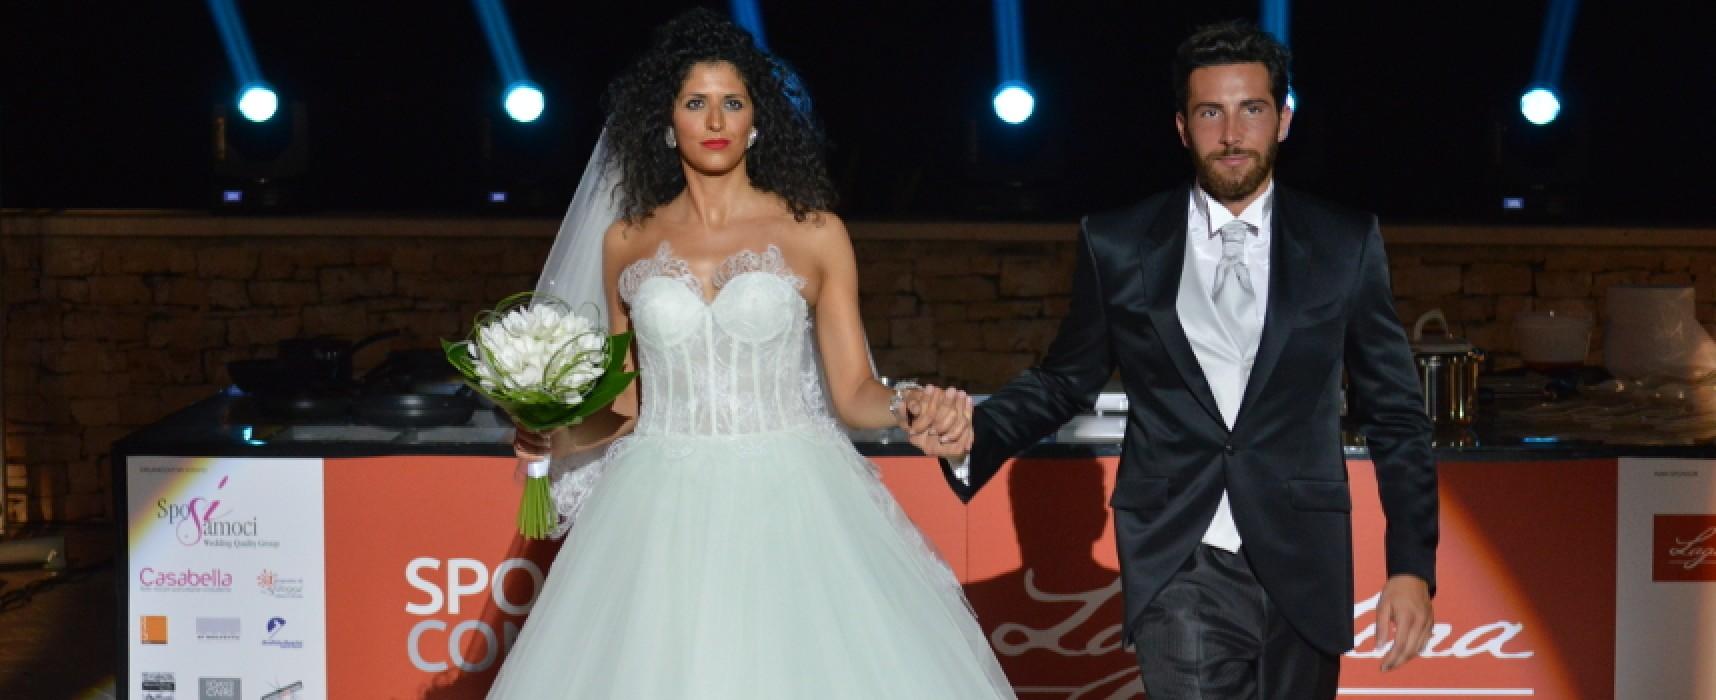 """""""Sposiamoci… con gusto"""": tutti gli ingredienti per un matrimonio da sogno / FOTO"""